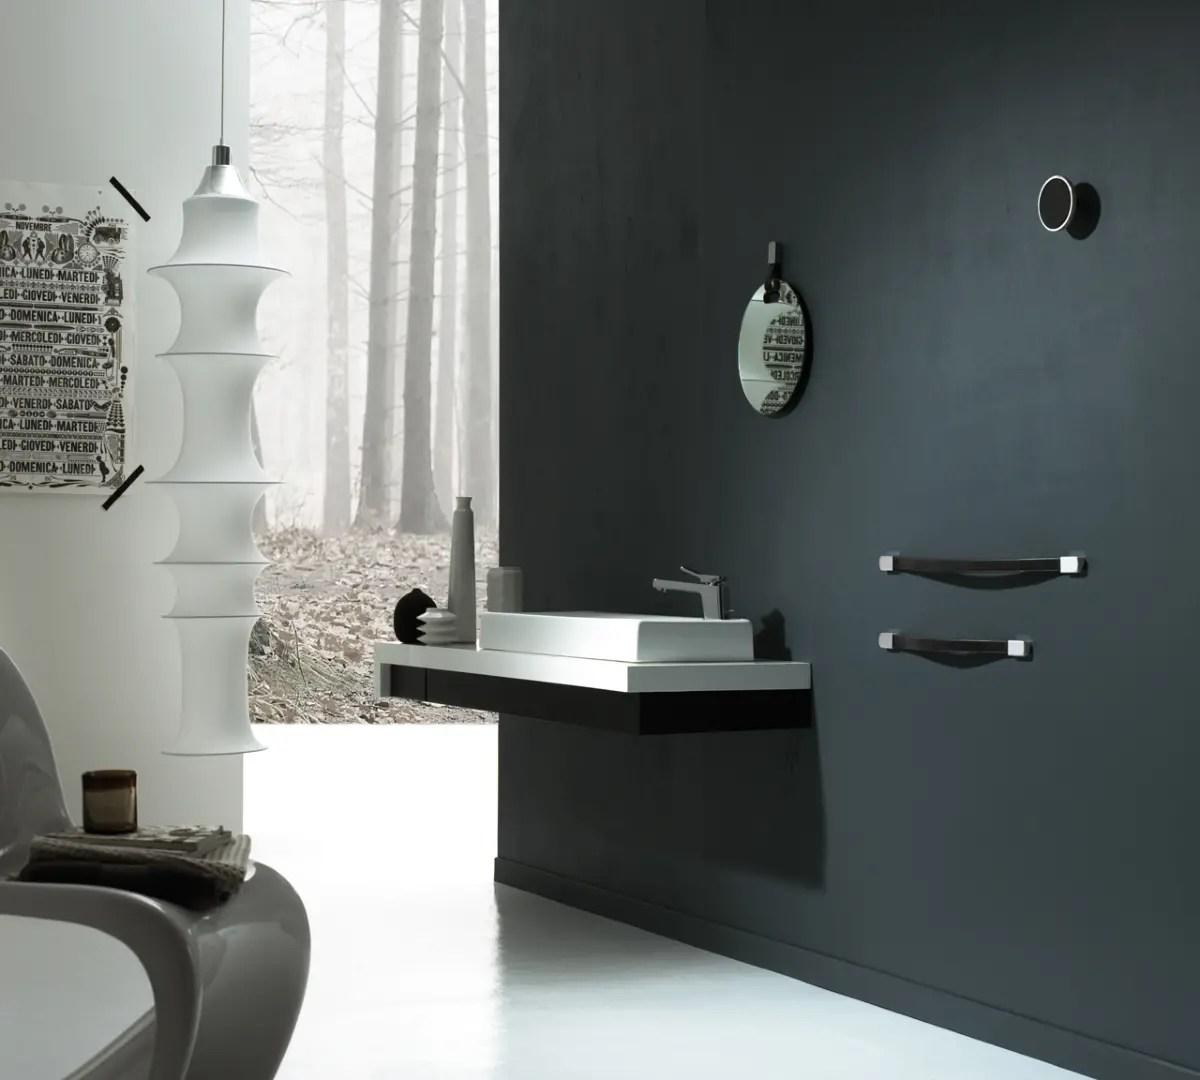 Accessori da bagno moderni showroom accessori da bagno hidrobagno